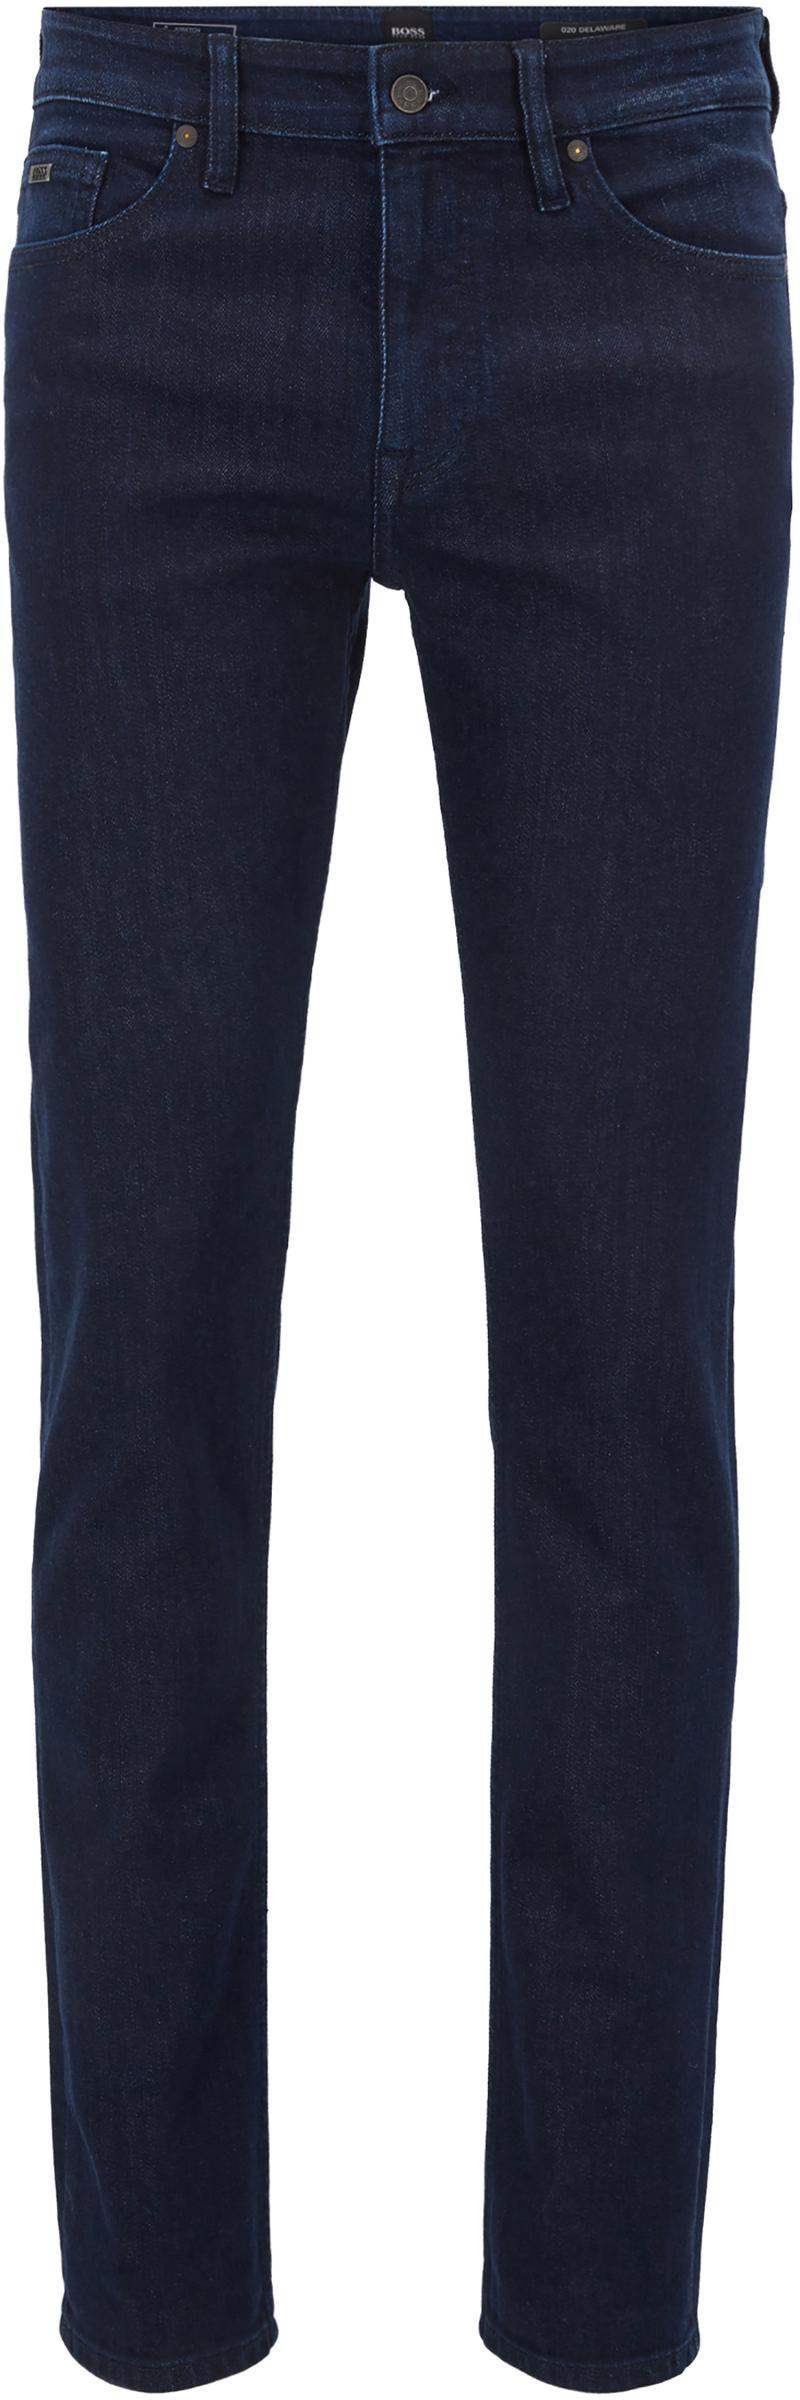 Hugo Boss Delaware Jeans BC Donkerblauw